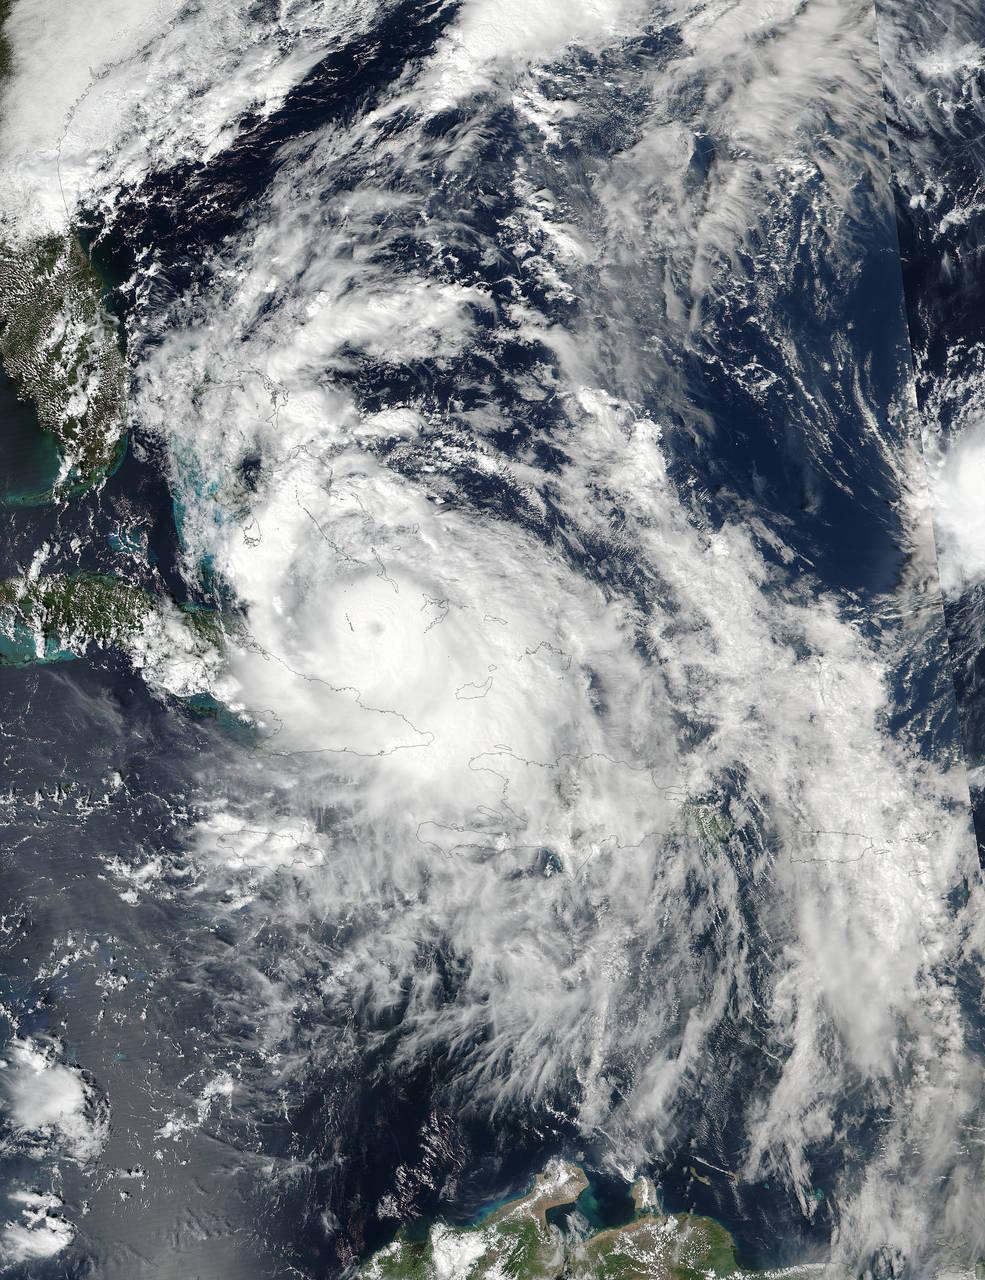 hurricane-matthew-nasa-image